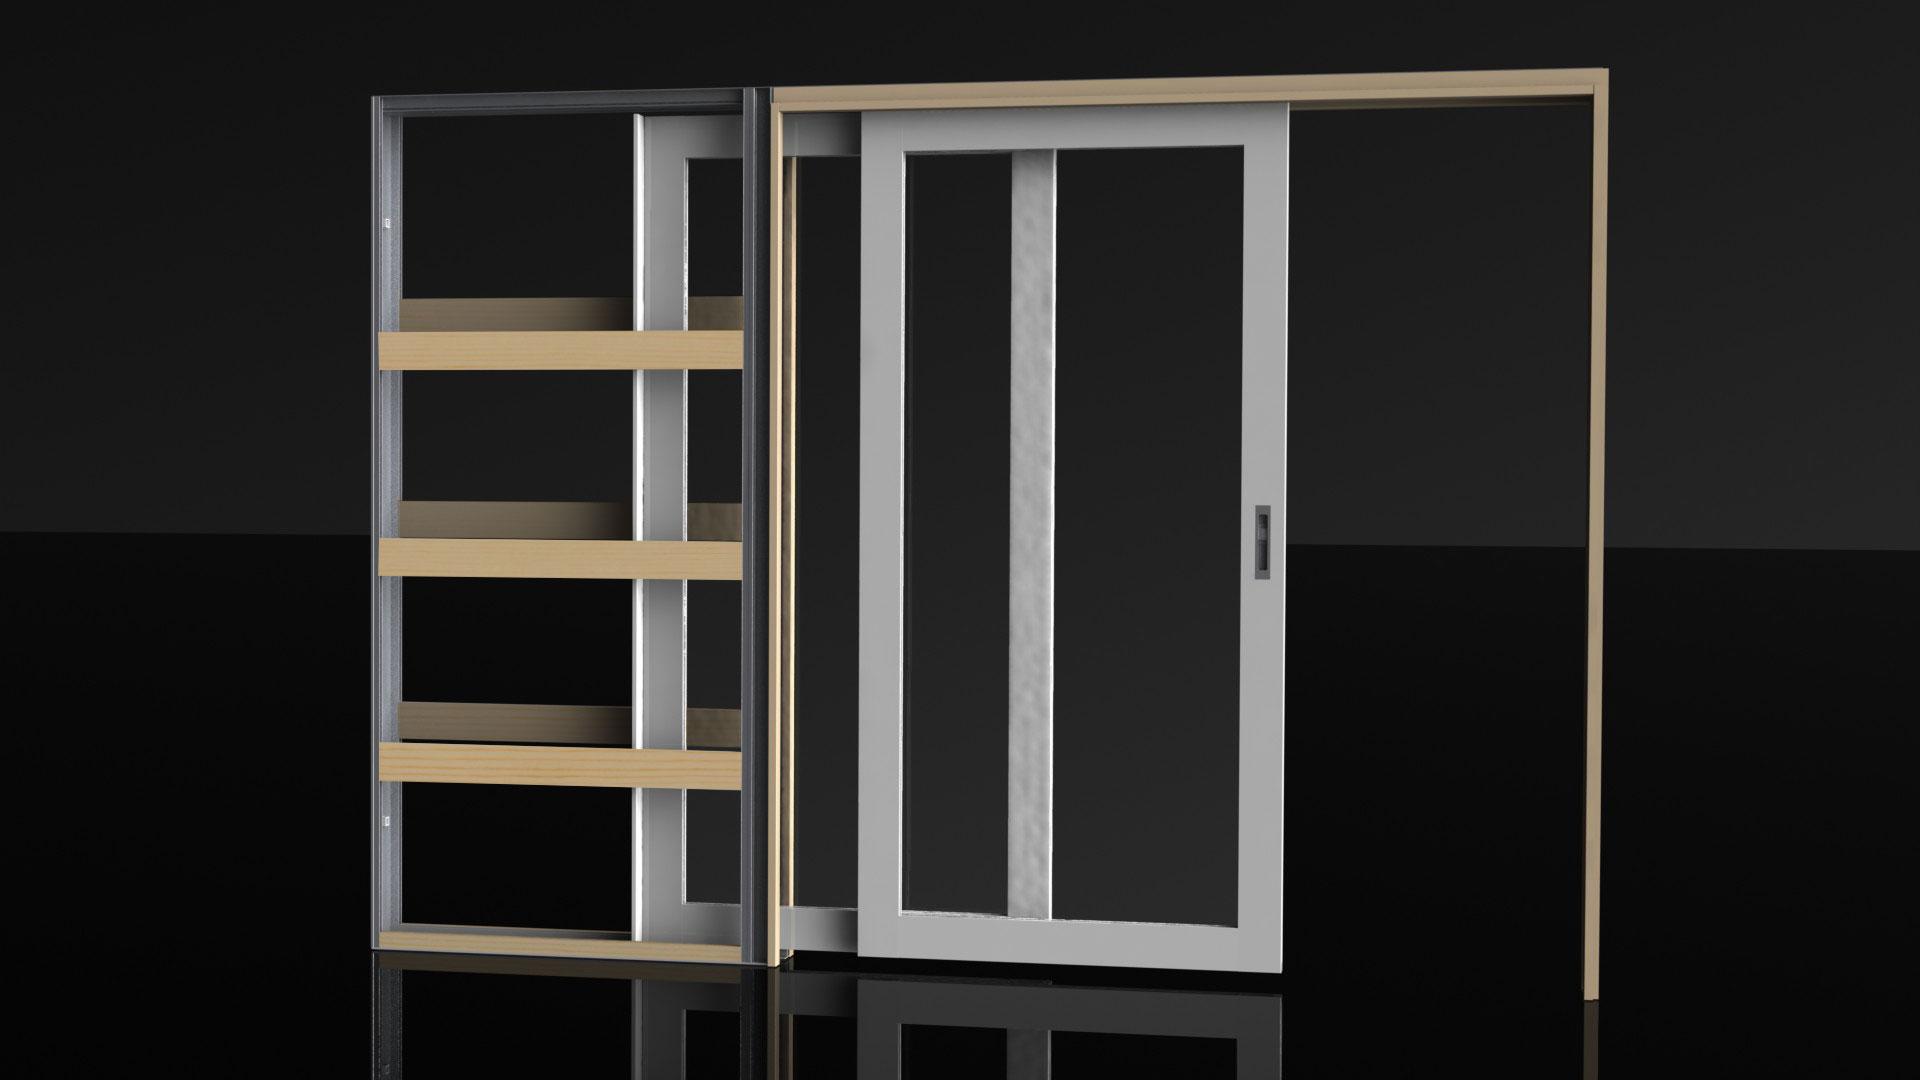 Corner meeting OvertakingDoors x2 with NewYorker doors